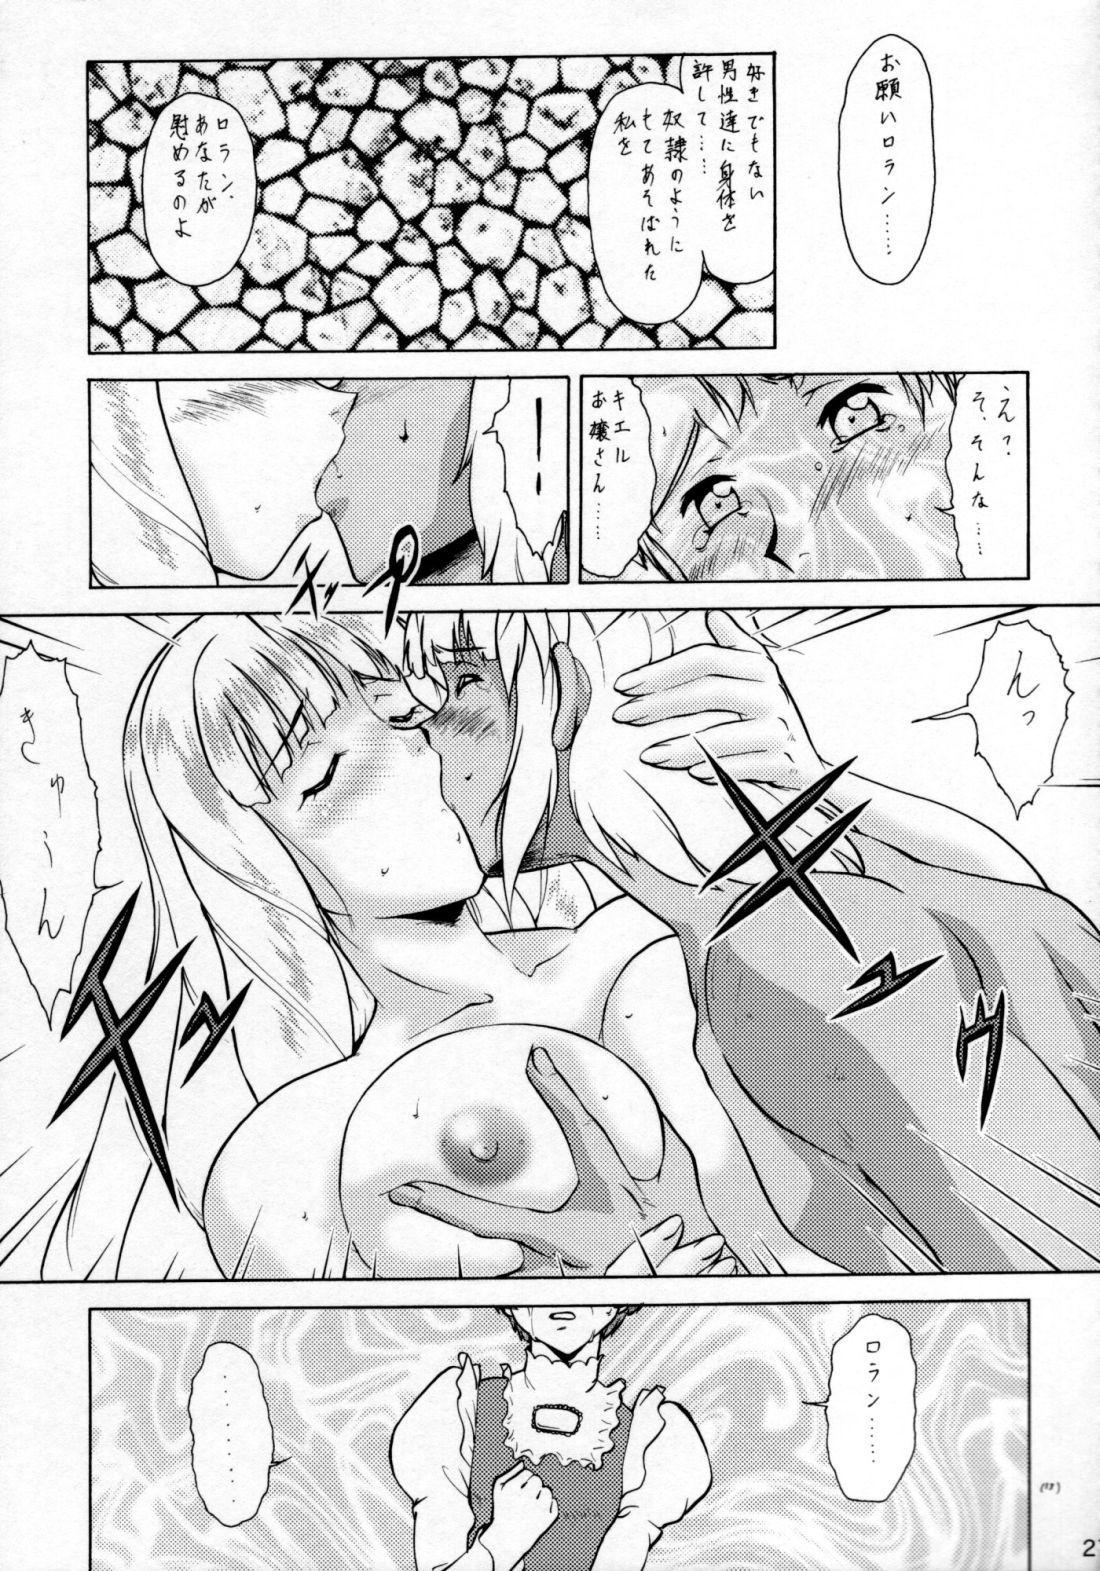 Umedamangashuu 12 Shito 19